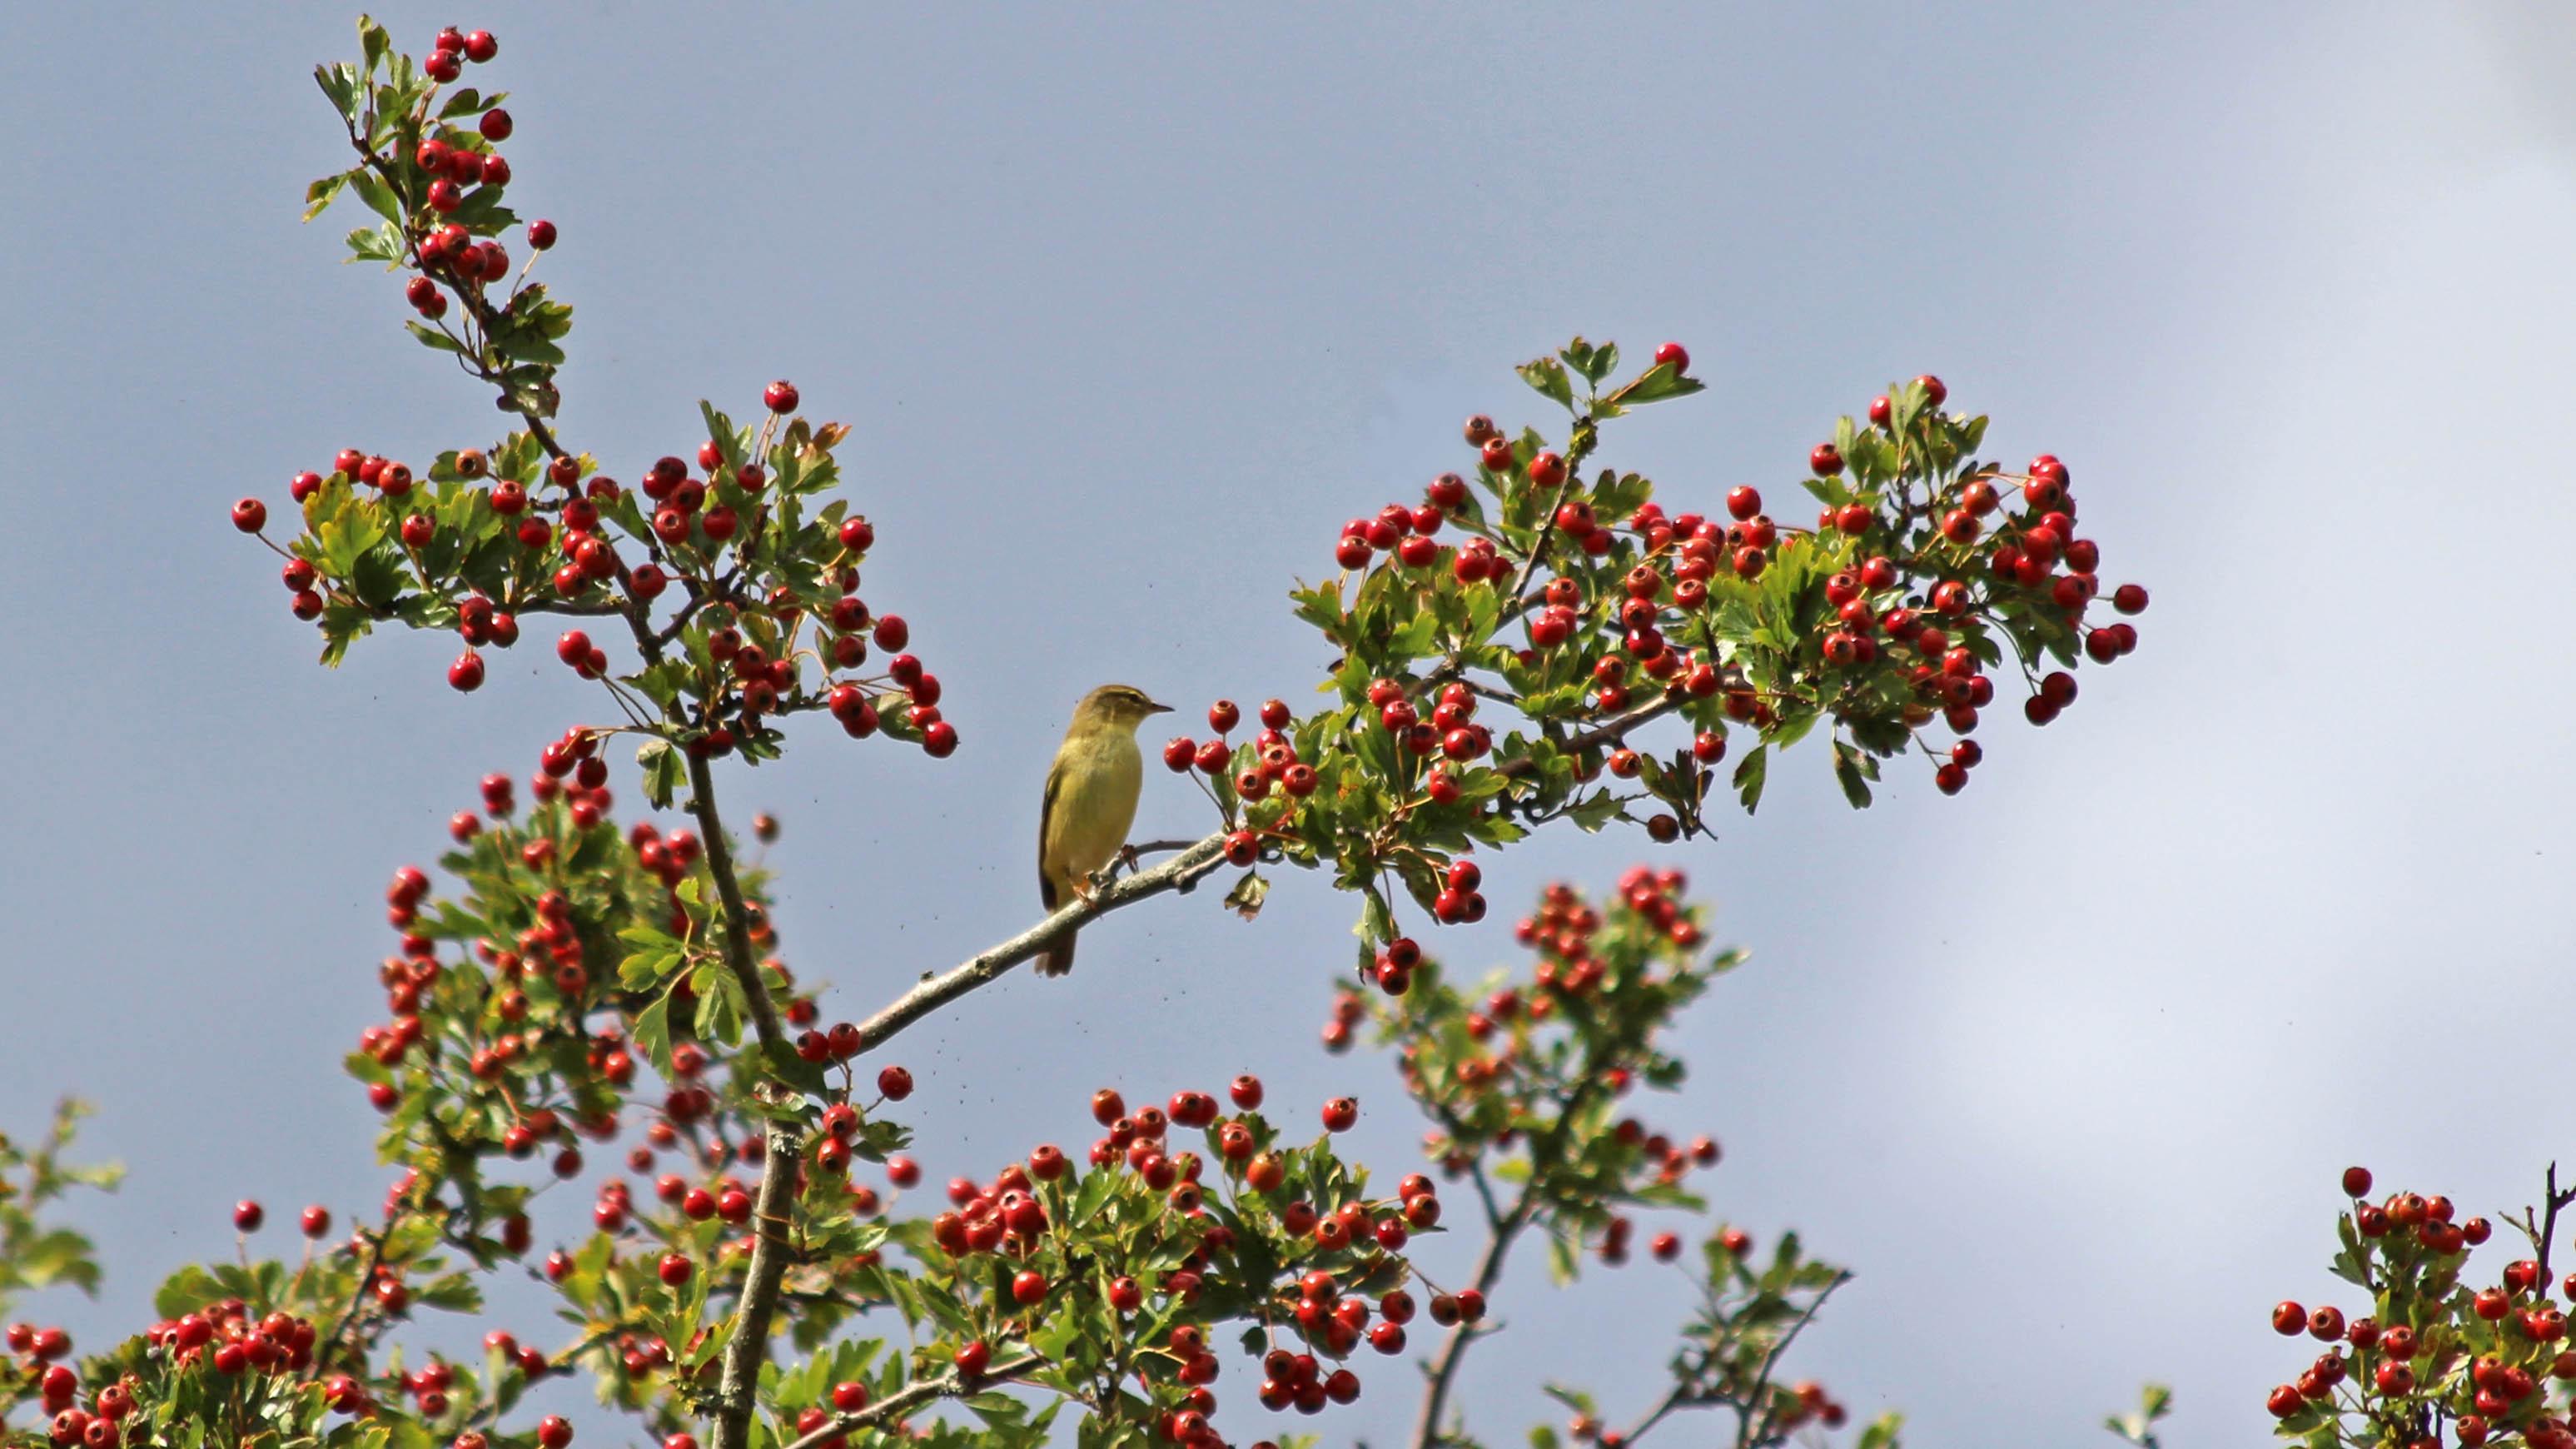 180901 willow warbler